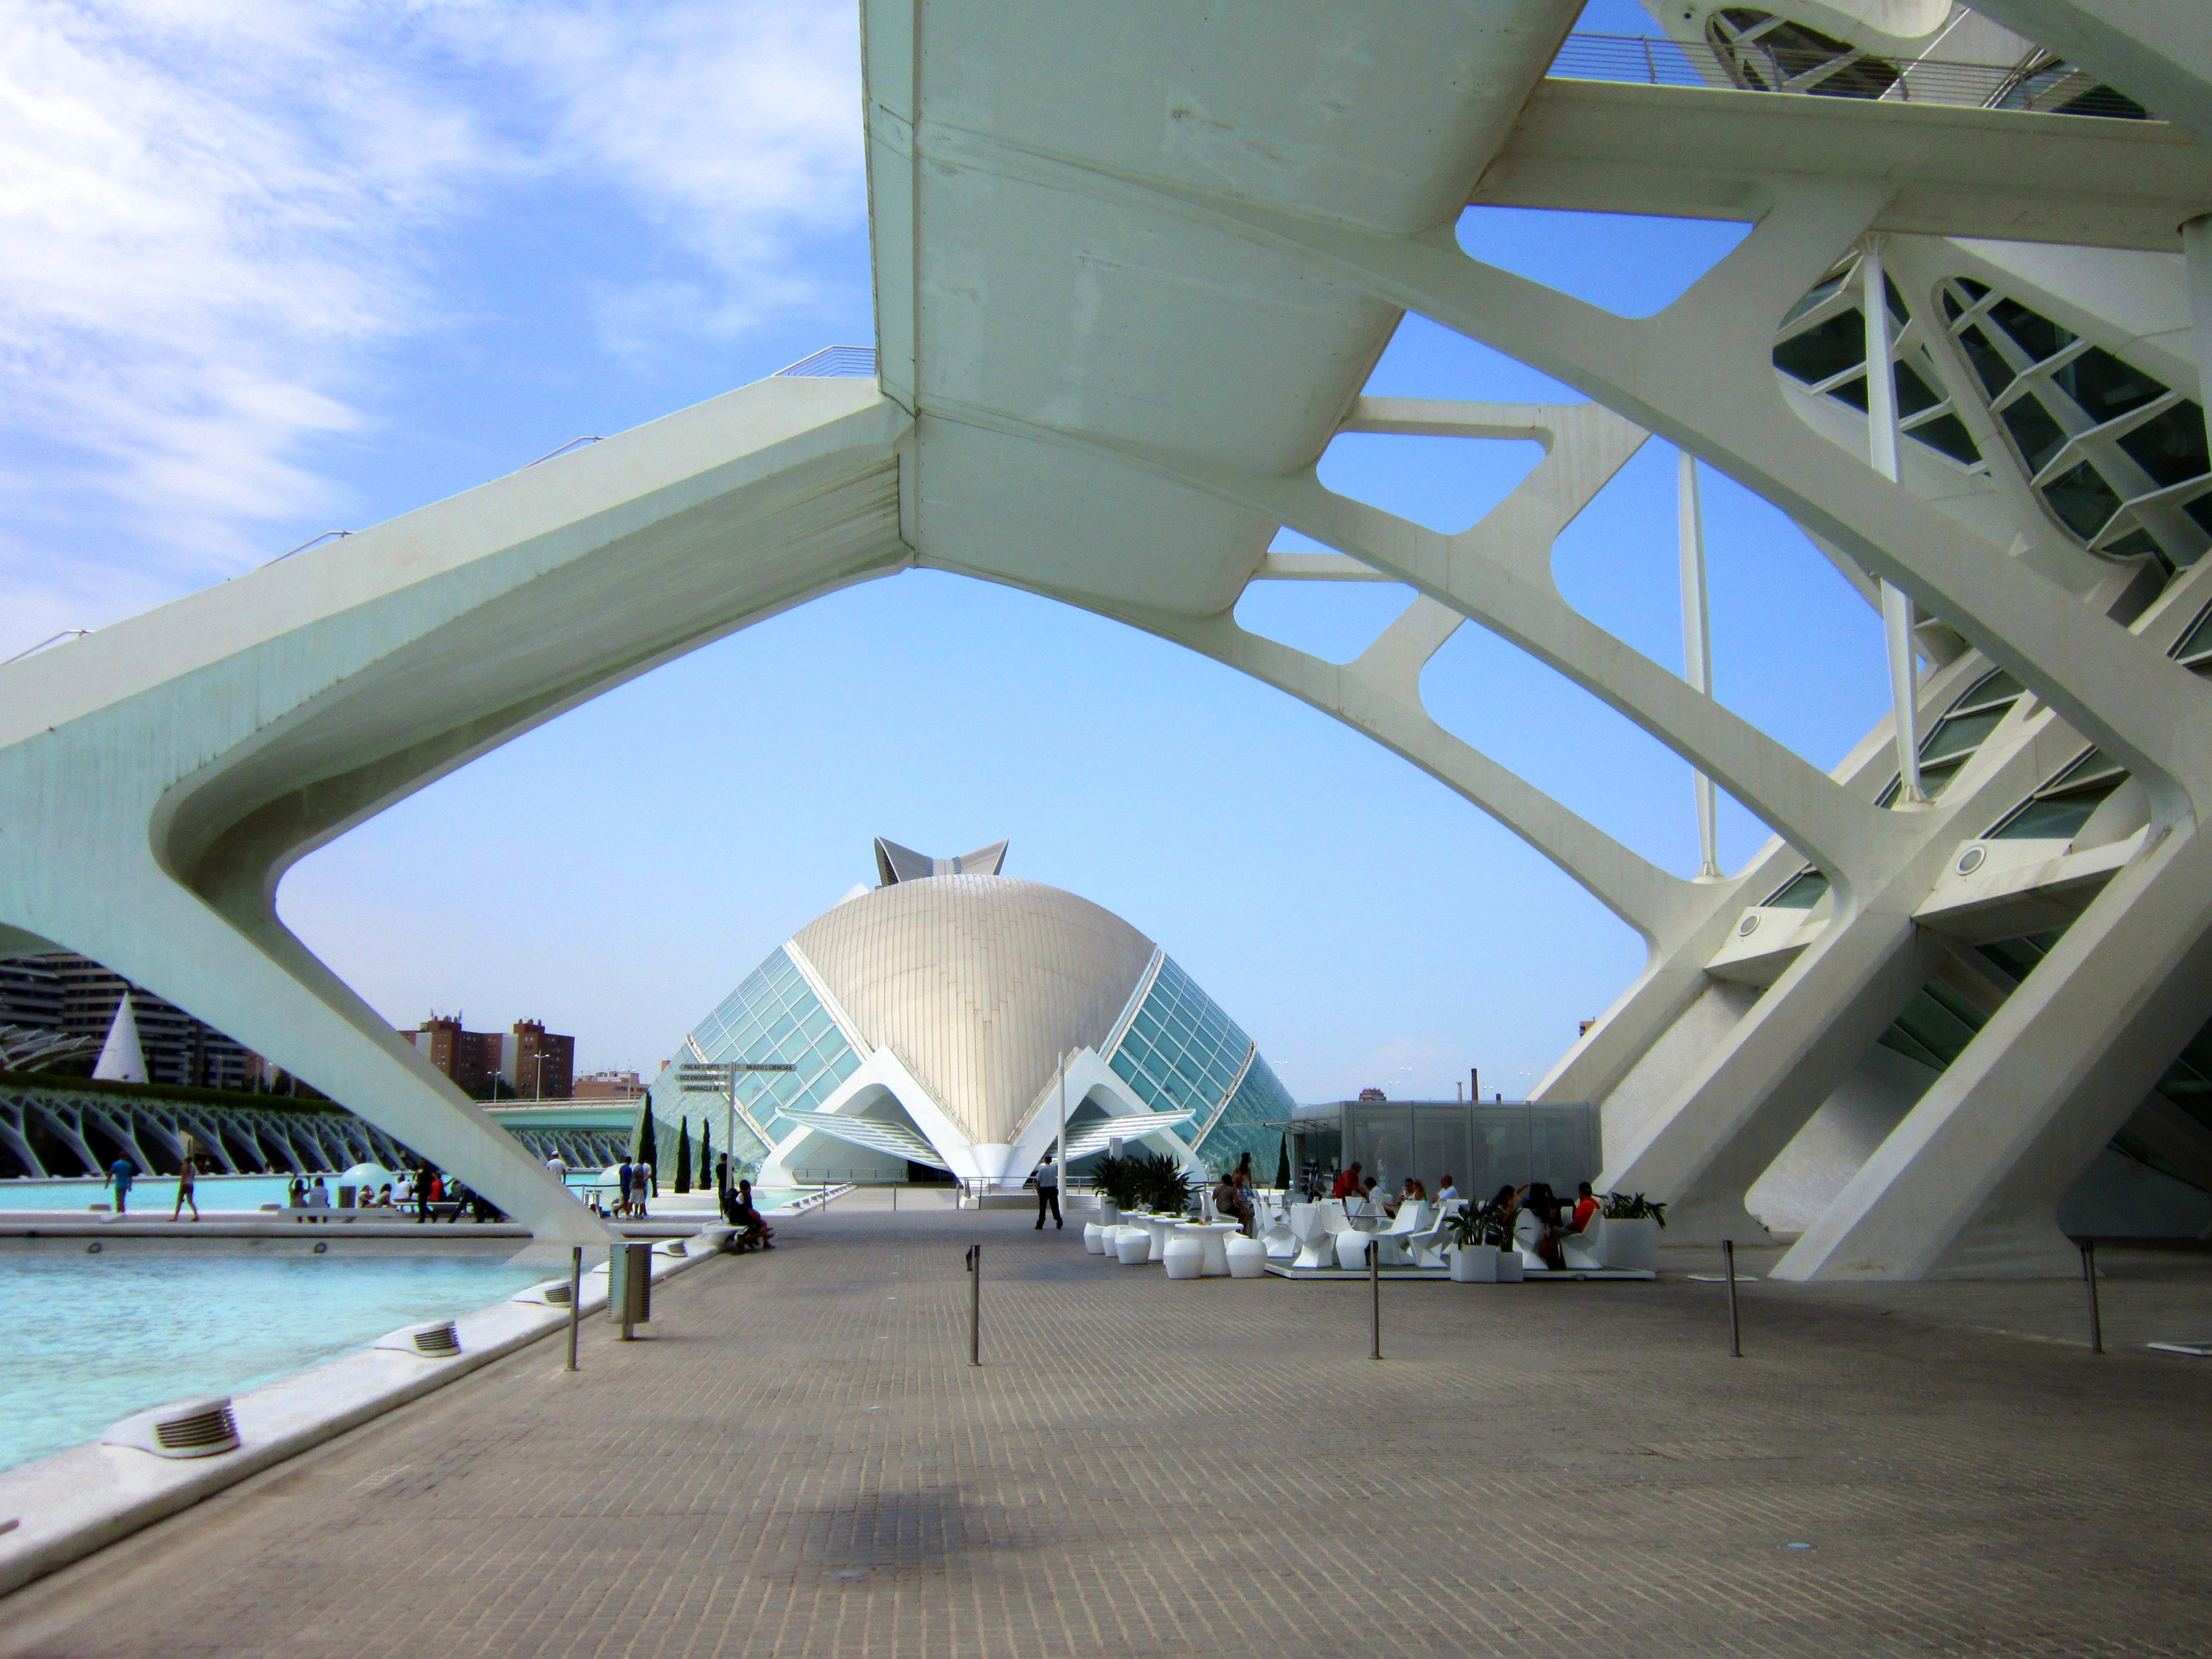 Музей Науки и кинотеатр IMAX